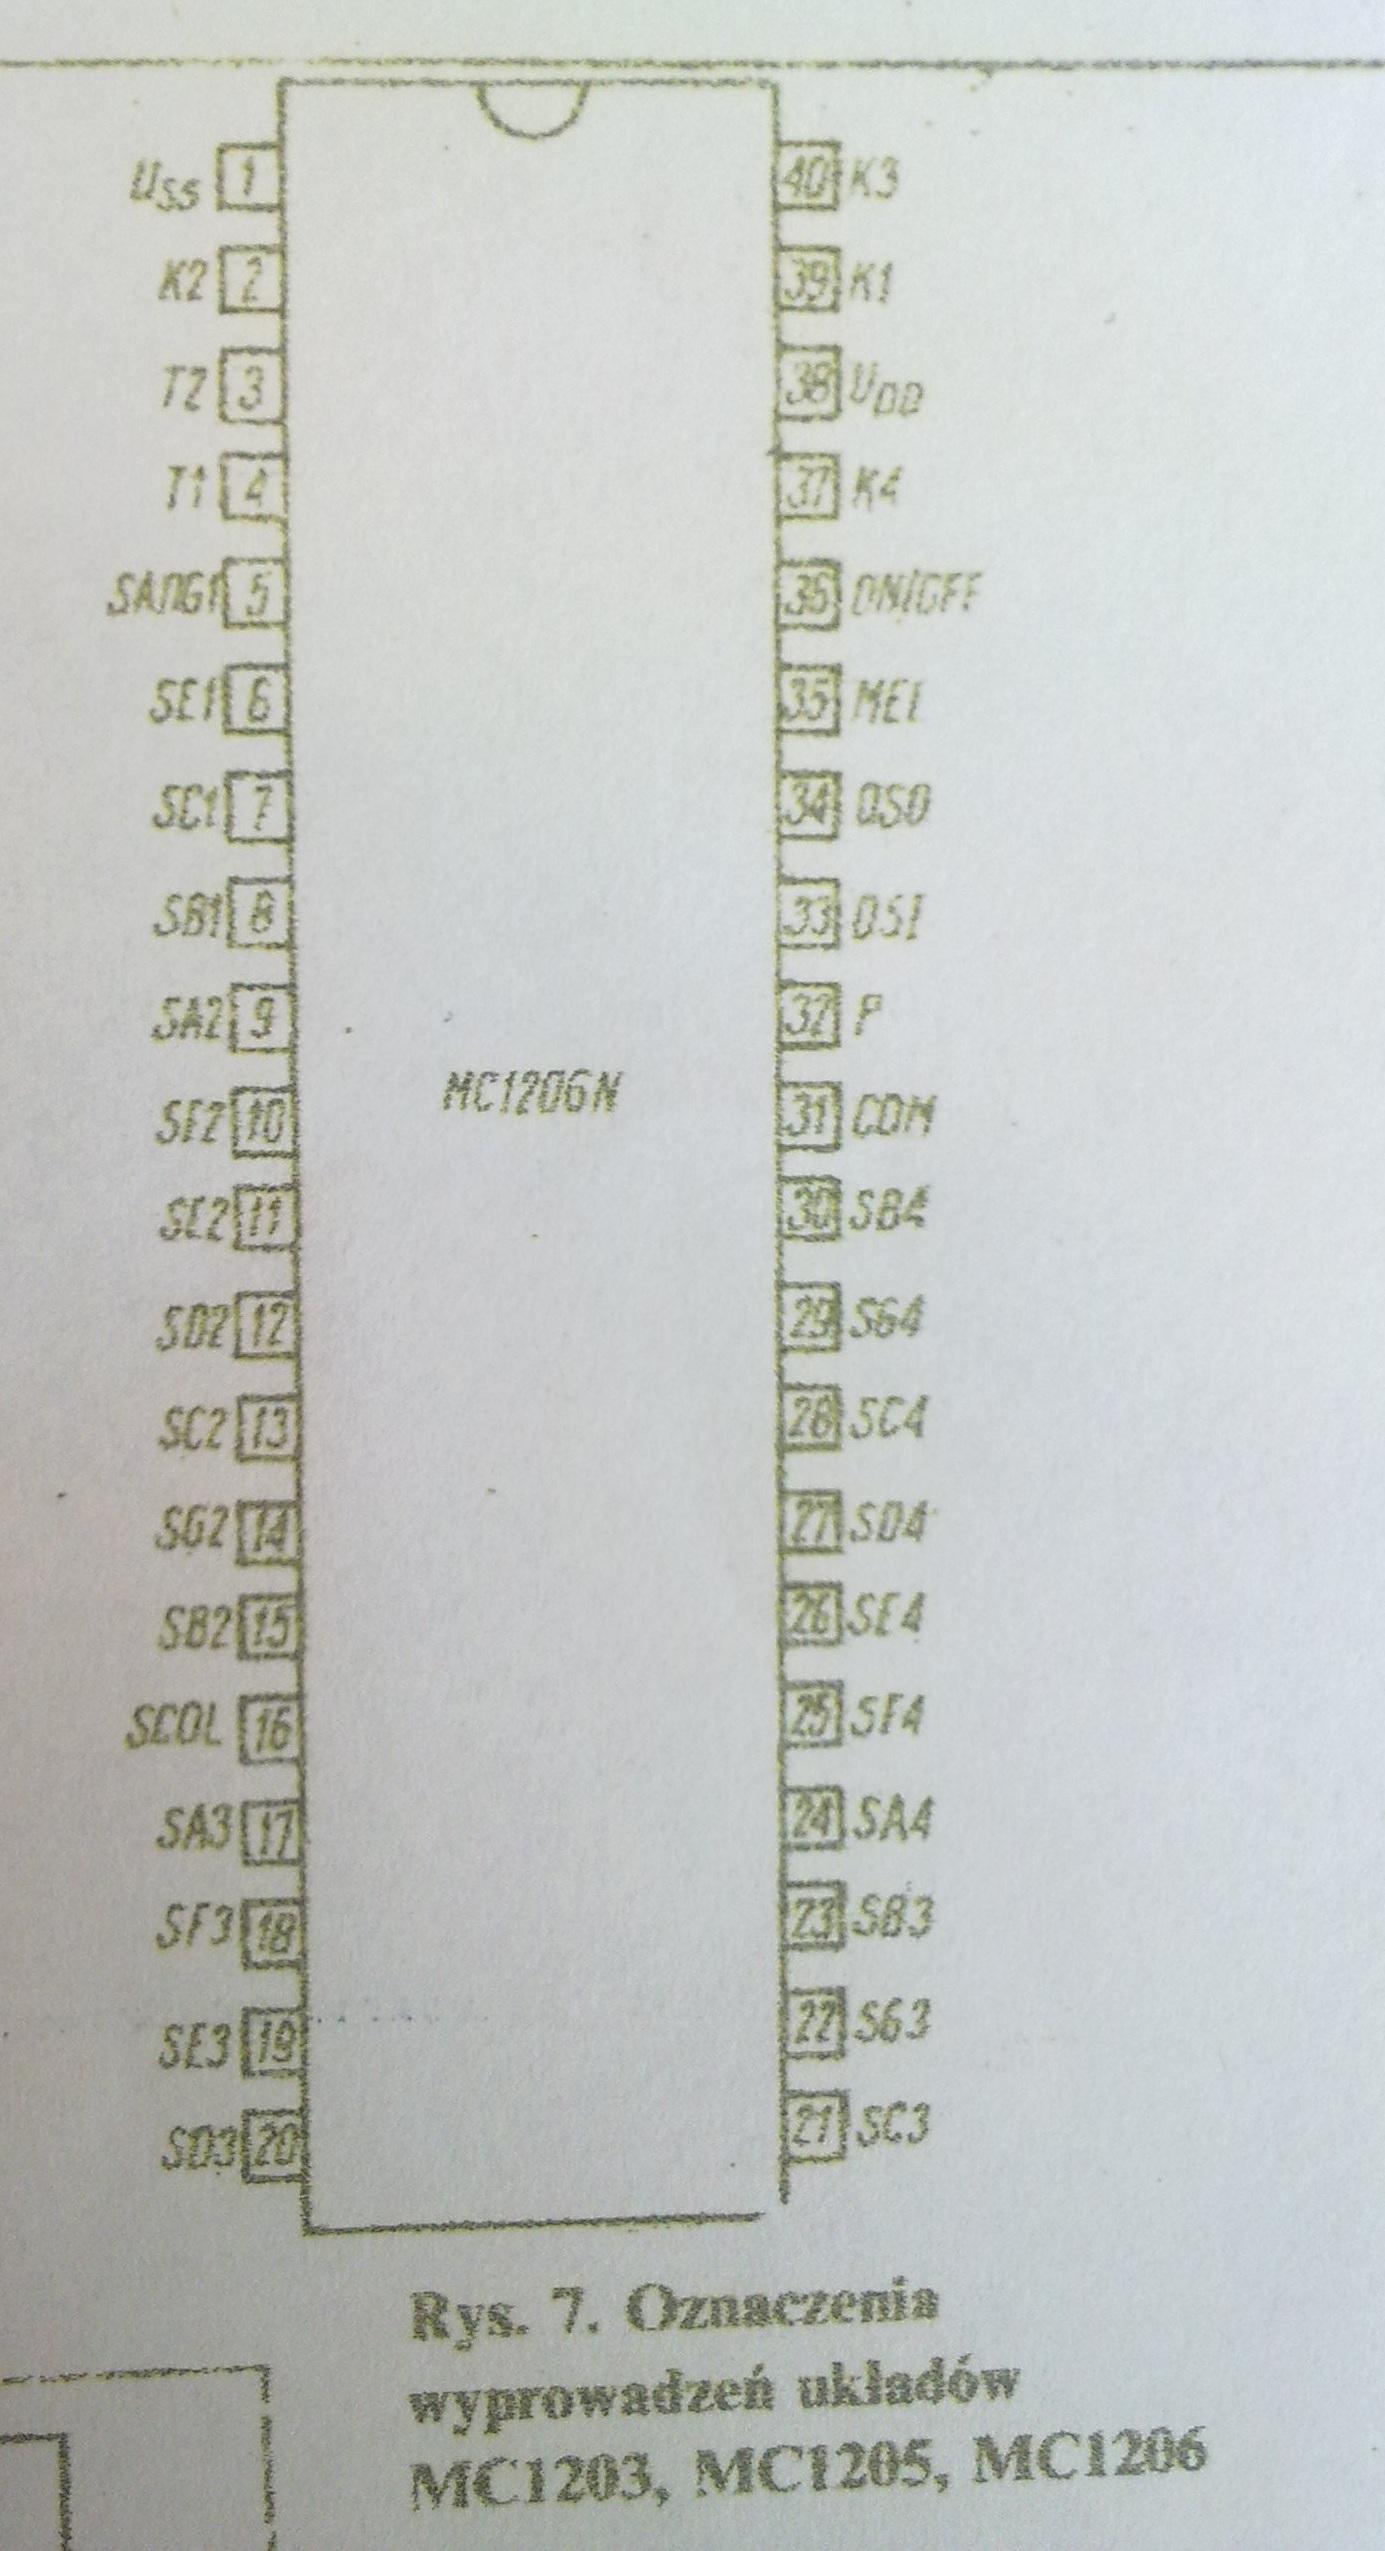 Bascom Modyfikacjia zegara MC1206